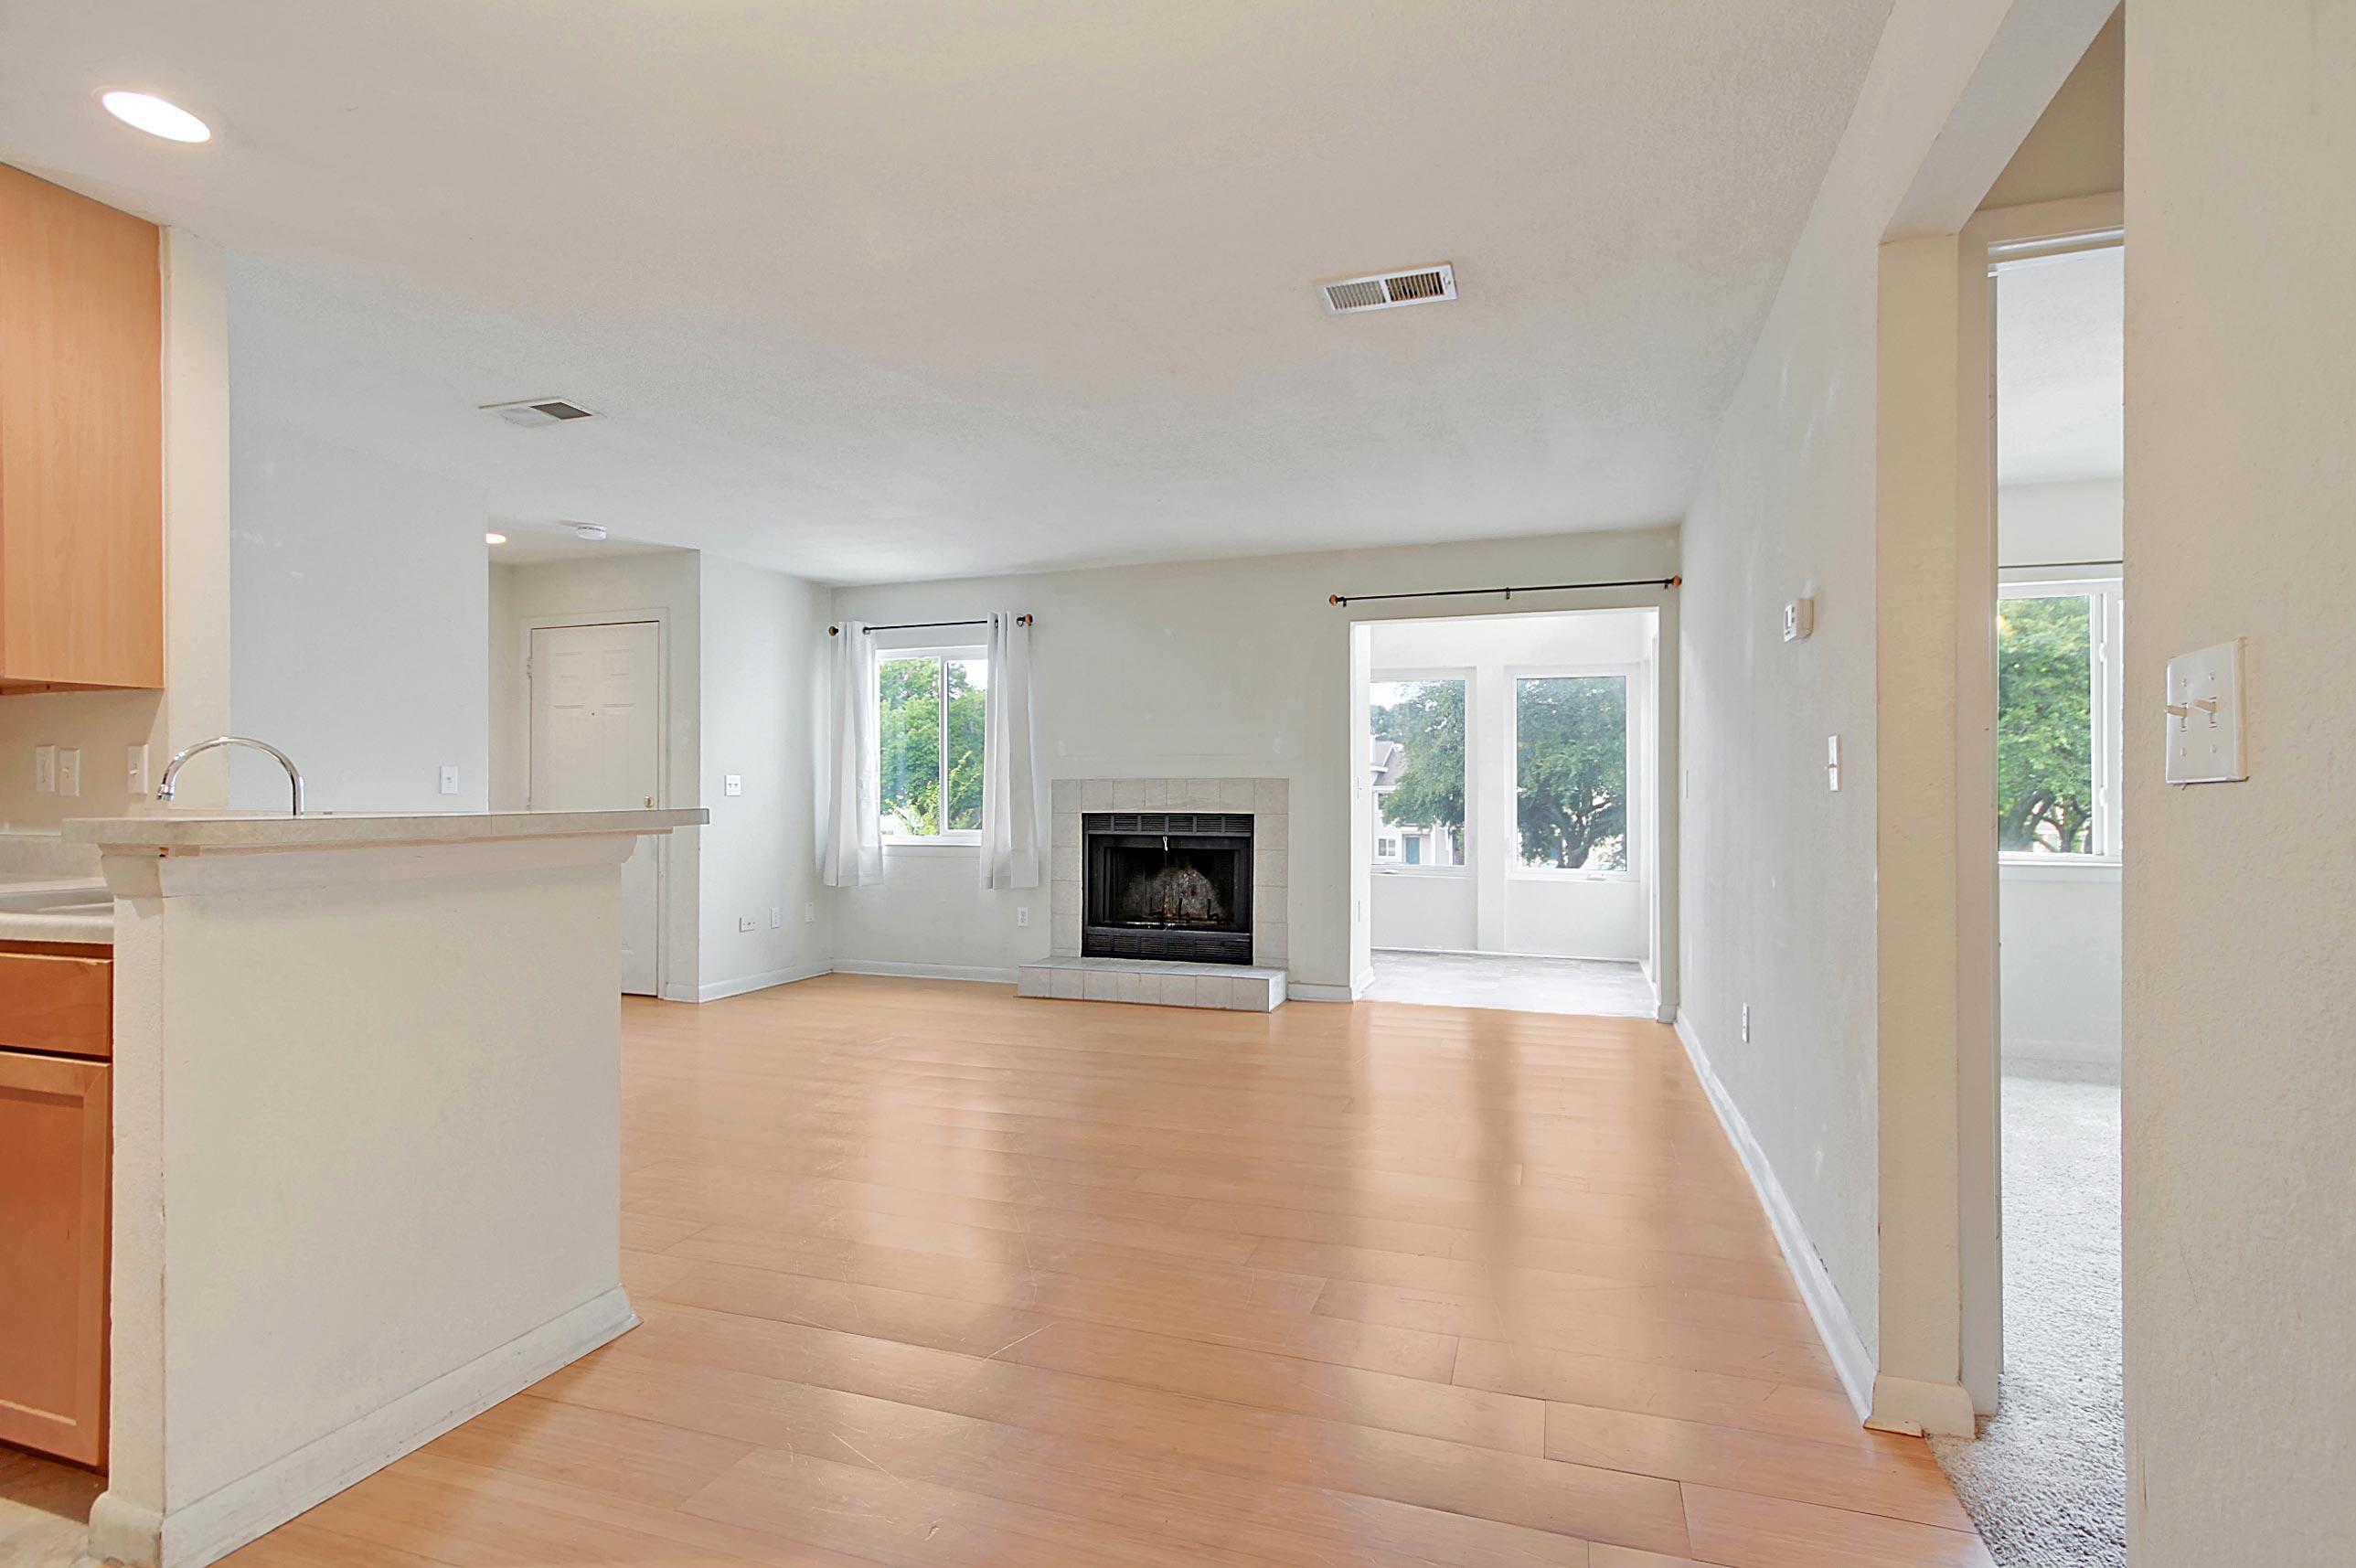 East Bridge Town Lofts Homes For Sale - 273 Alexandra, Mount Pleasant, SC - 16